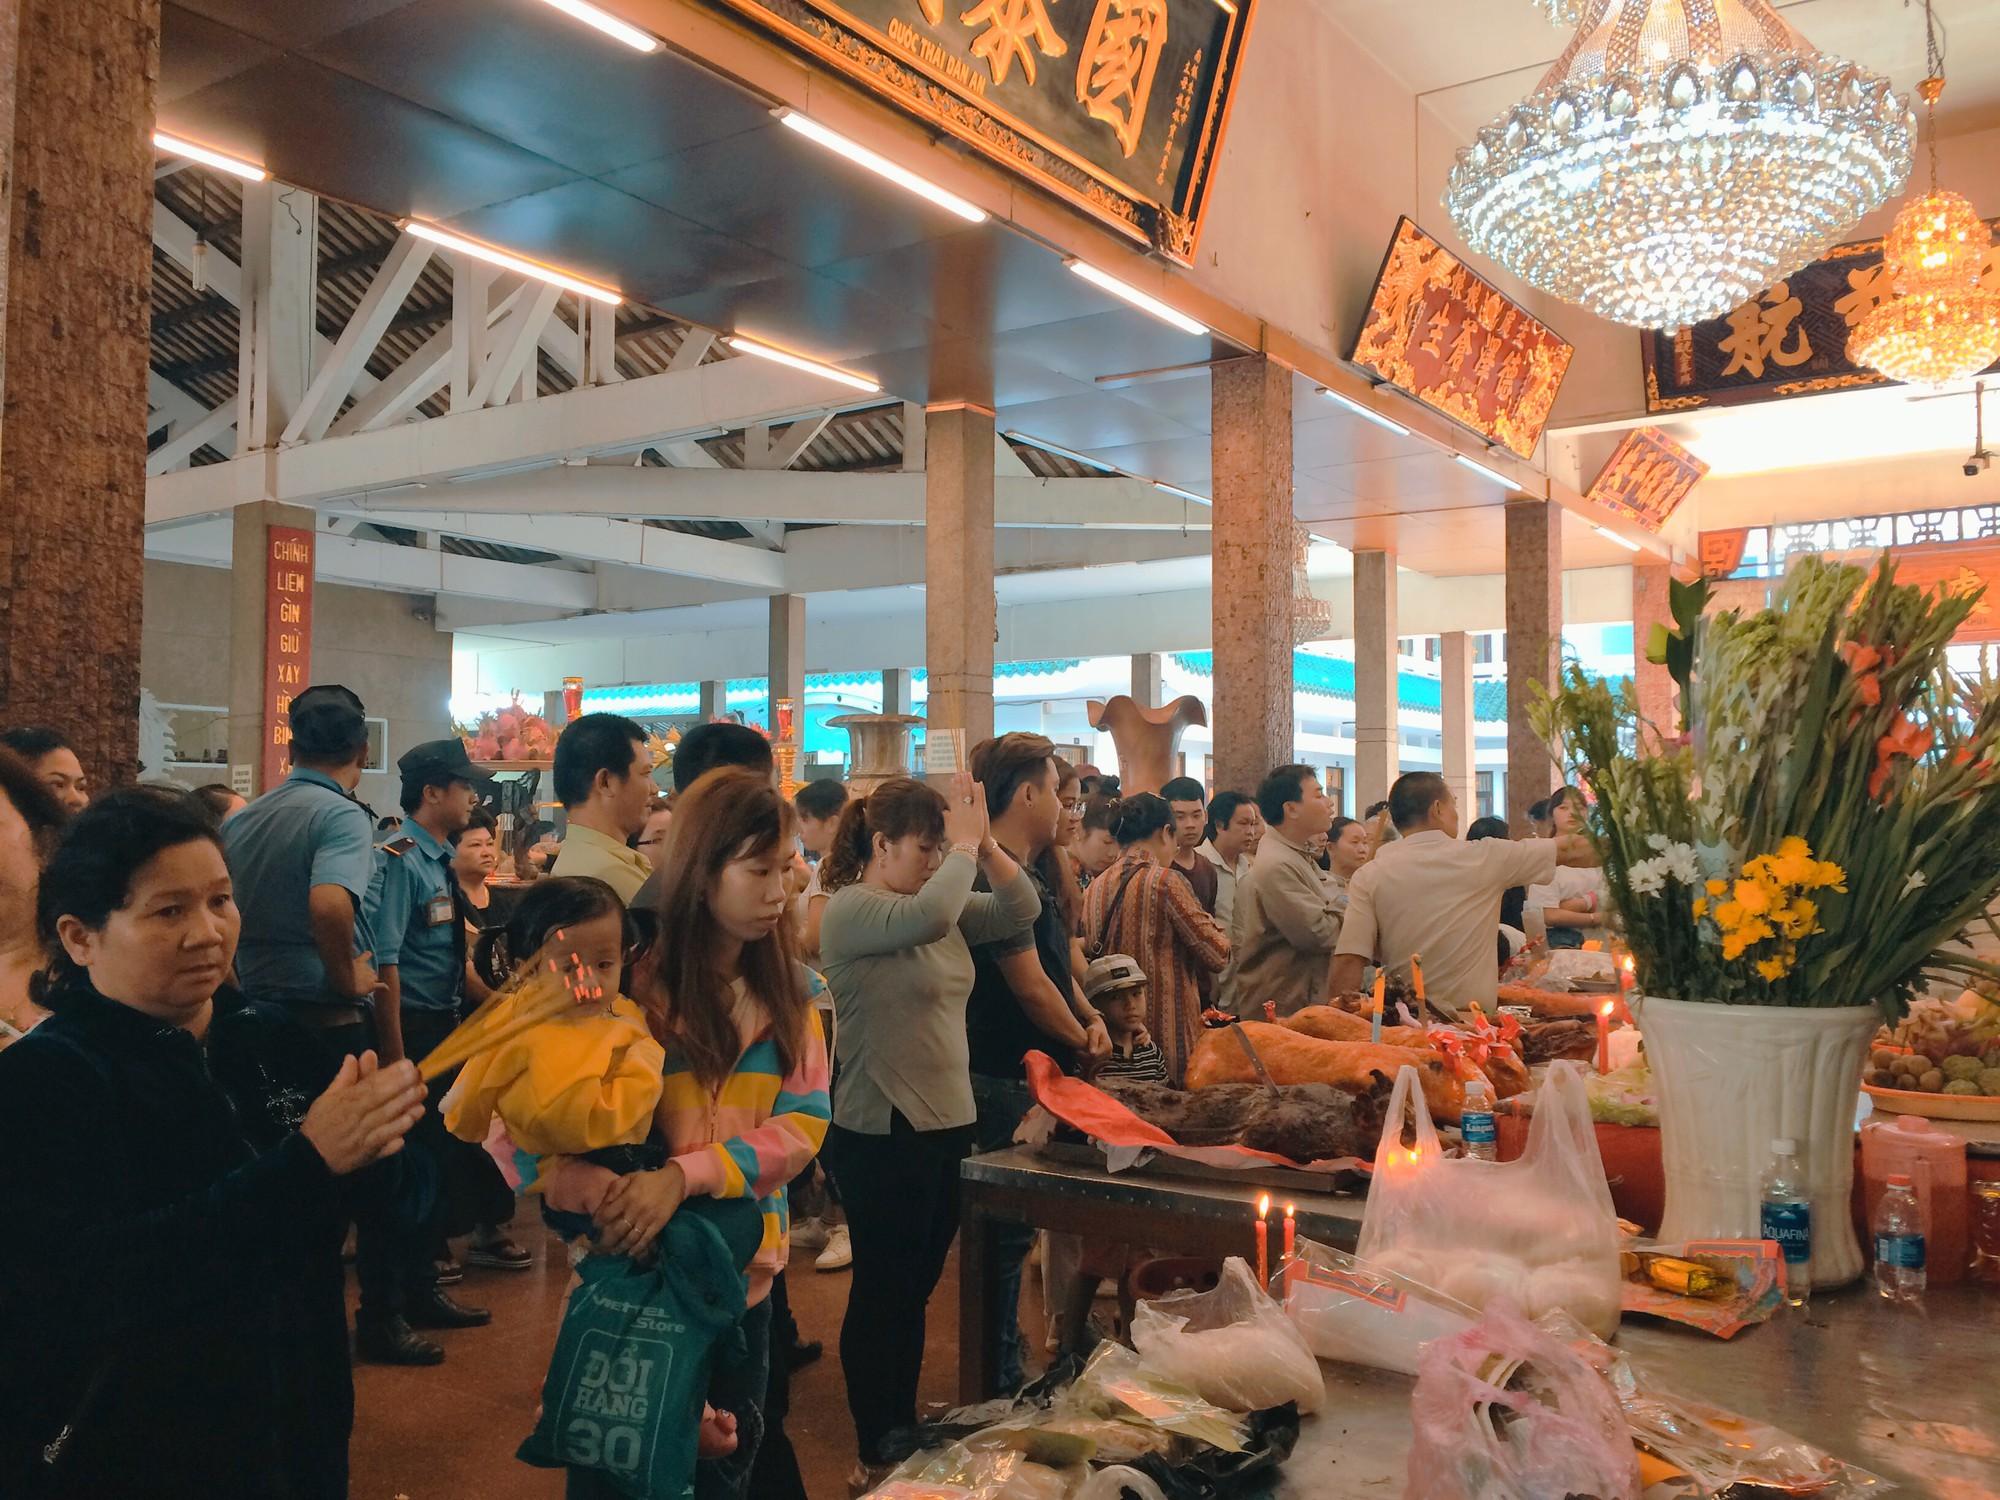 Tháng 5, về An Giang tham dự Lễ hội Miếu Bà Chúa Xứ Châu Đốc  - Ảnh 5.